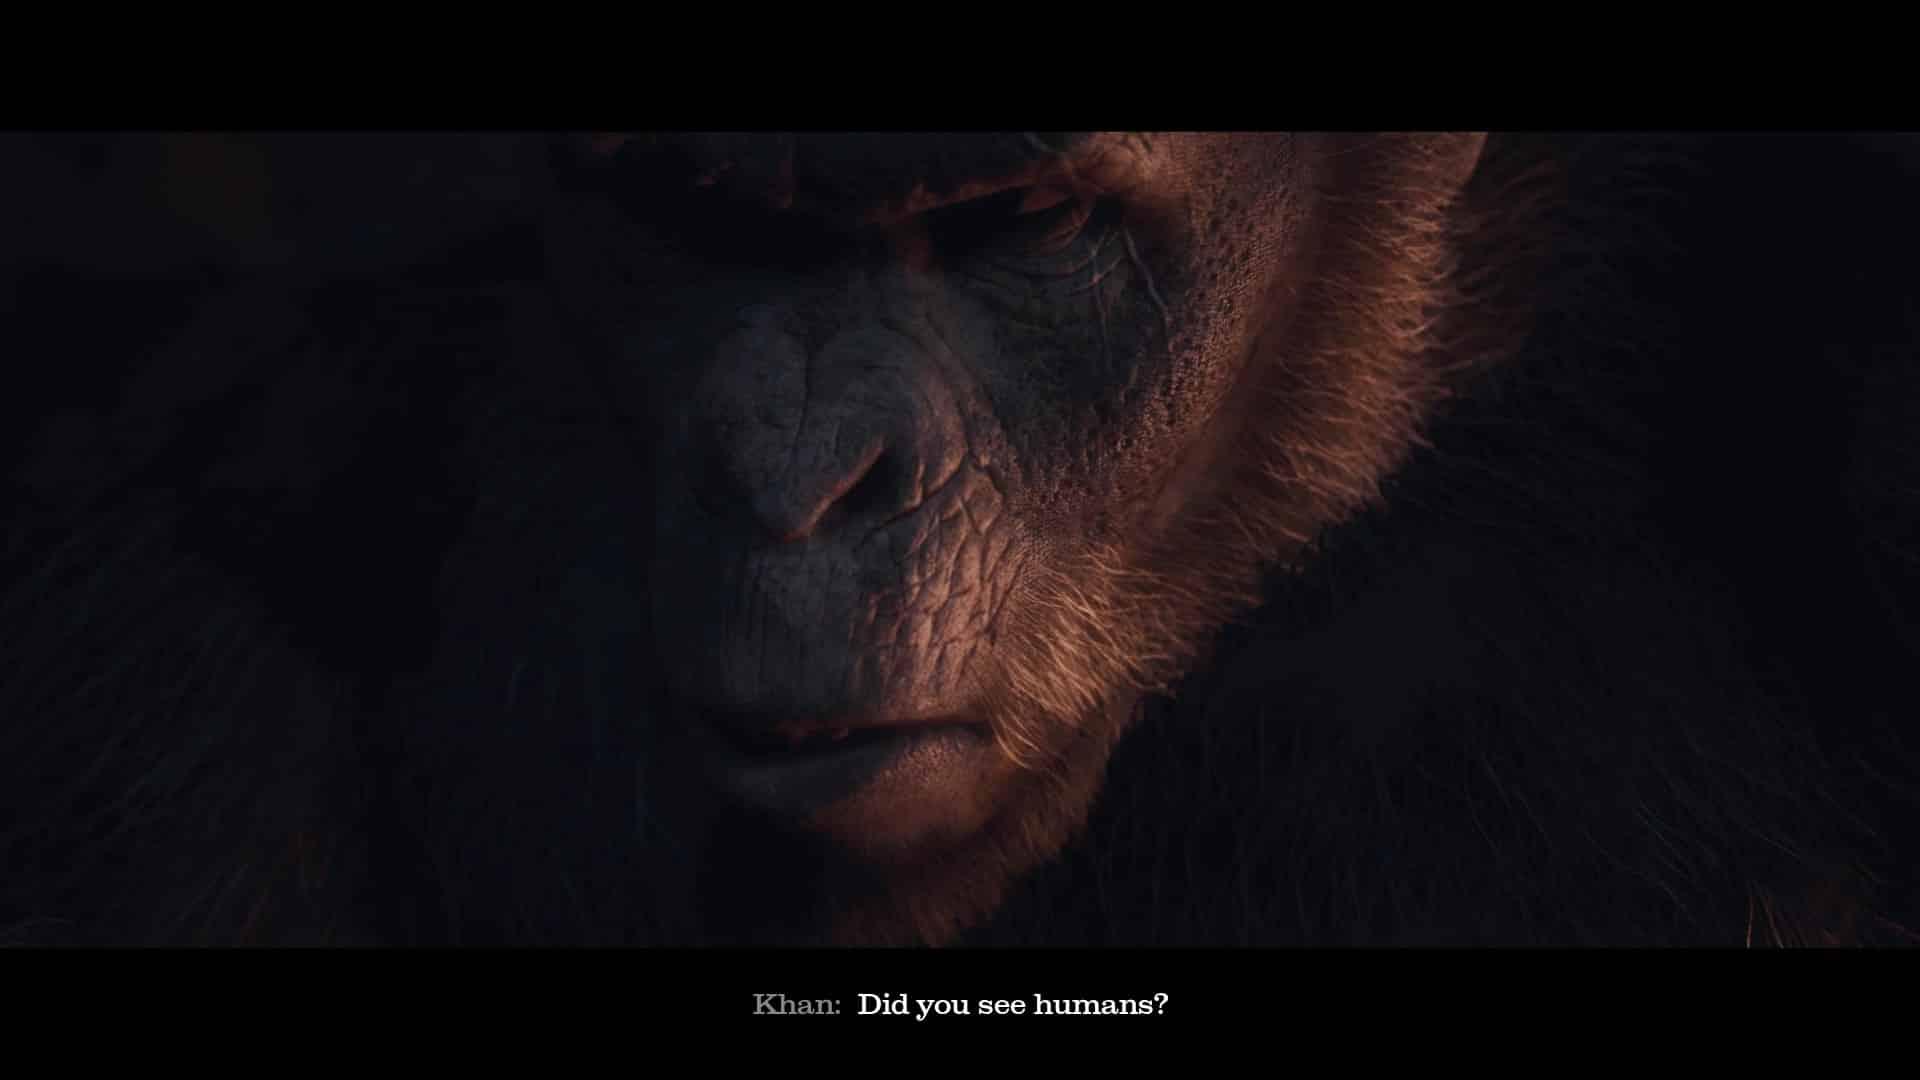 Planet of the Apes: Last Frontier The Imaginati Studios The Imaginarium